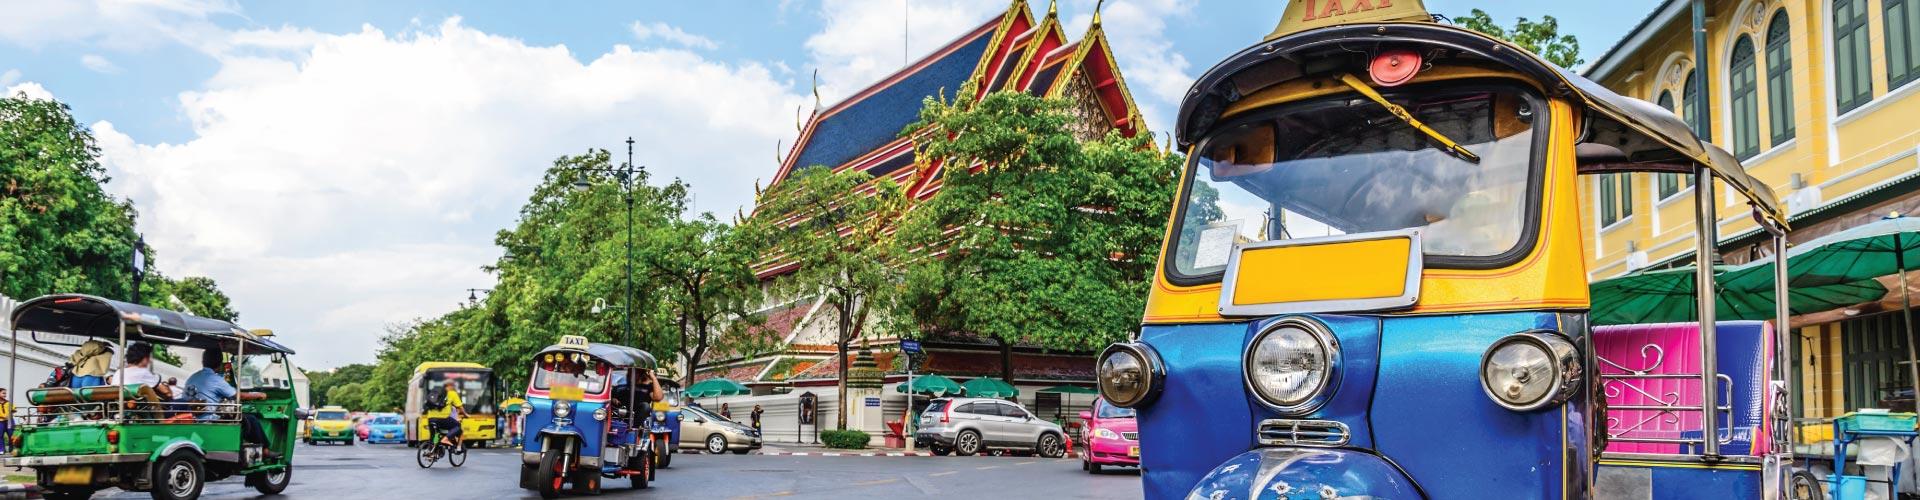 Bangkok Free & Easy